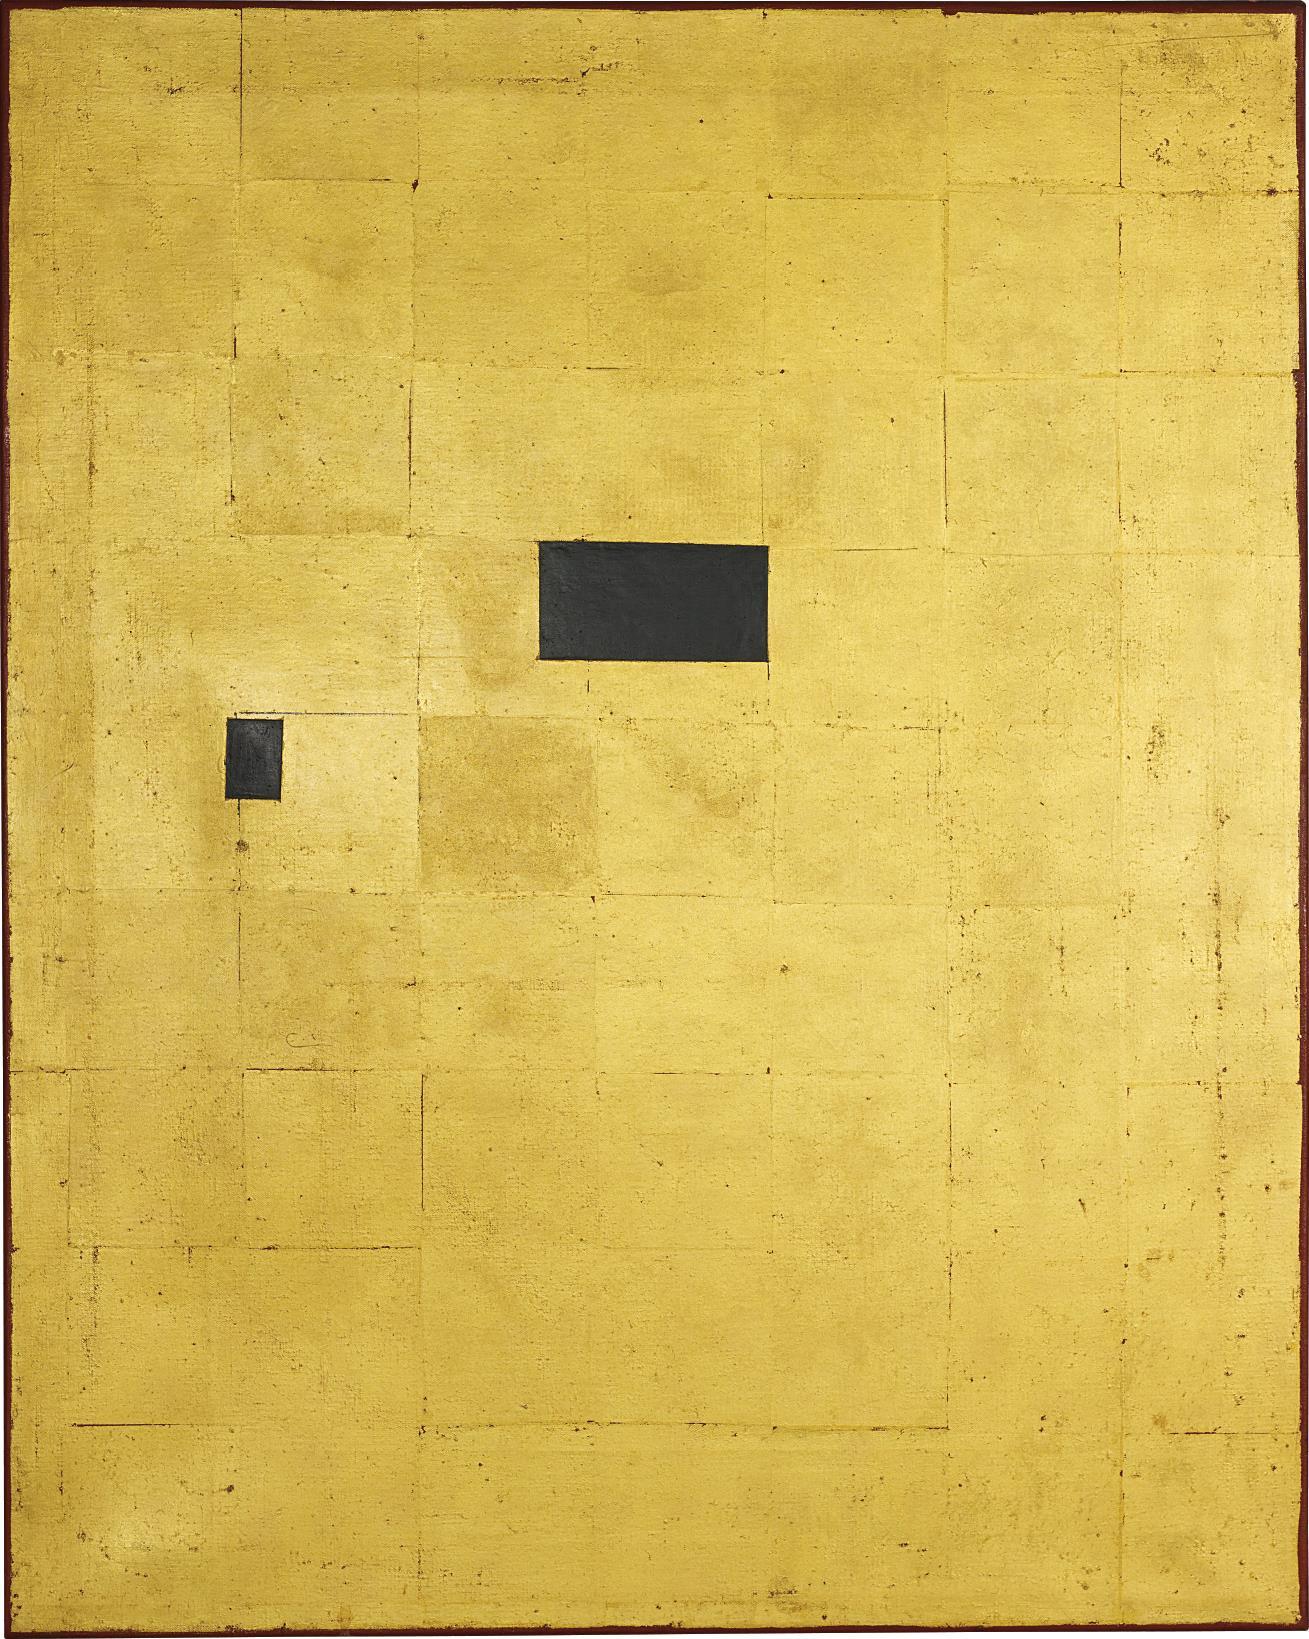 Peter Blake-Gold Painting-1959